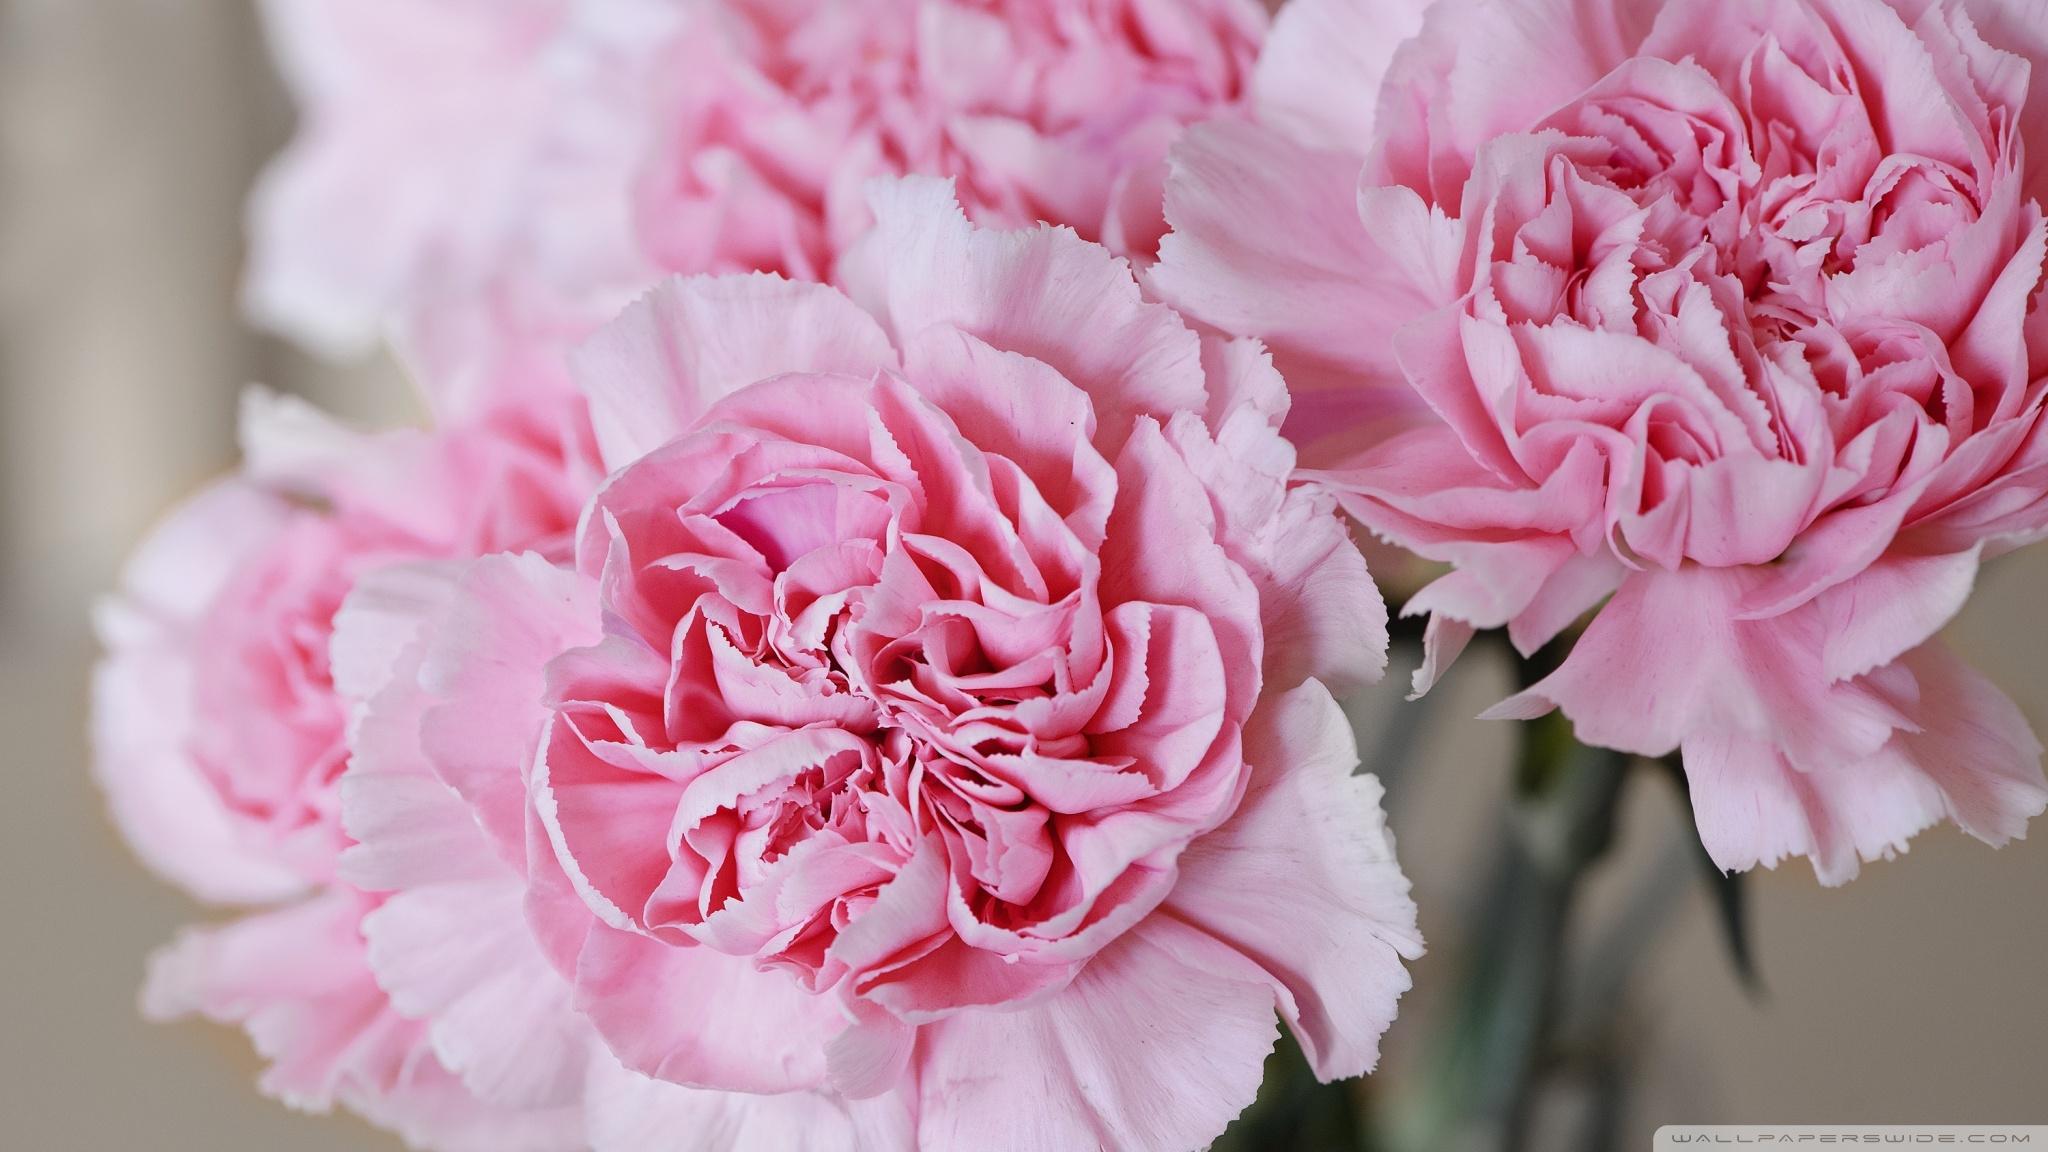 Cute Pink Computer Wallpaper Light Pink Carnations Flowers Uhd Desktop Wallpaper For 4k